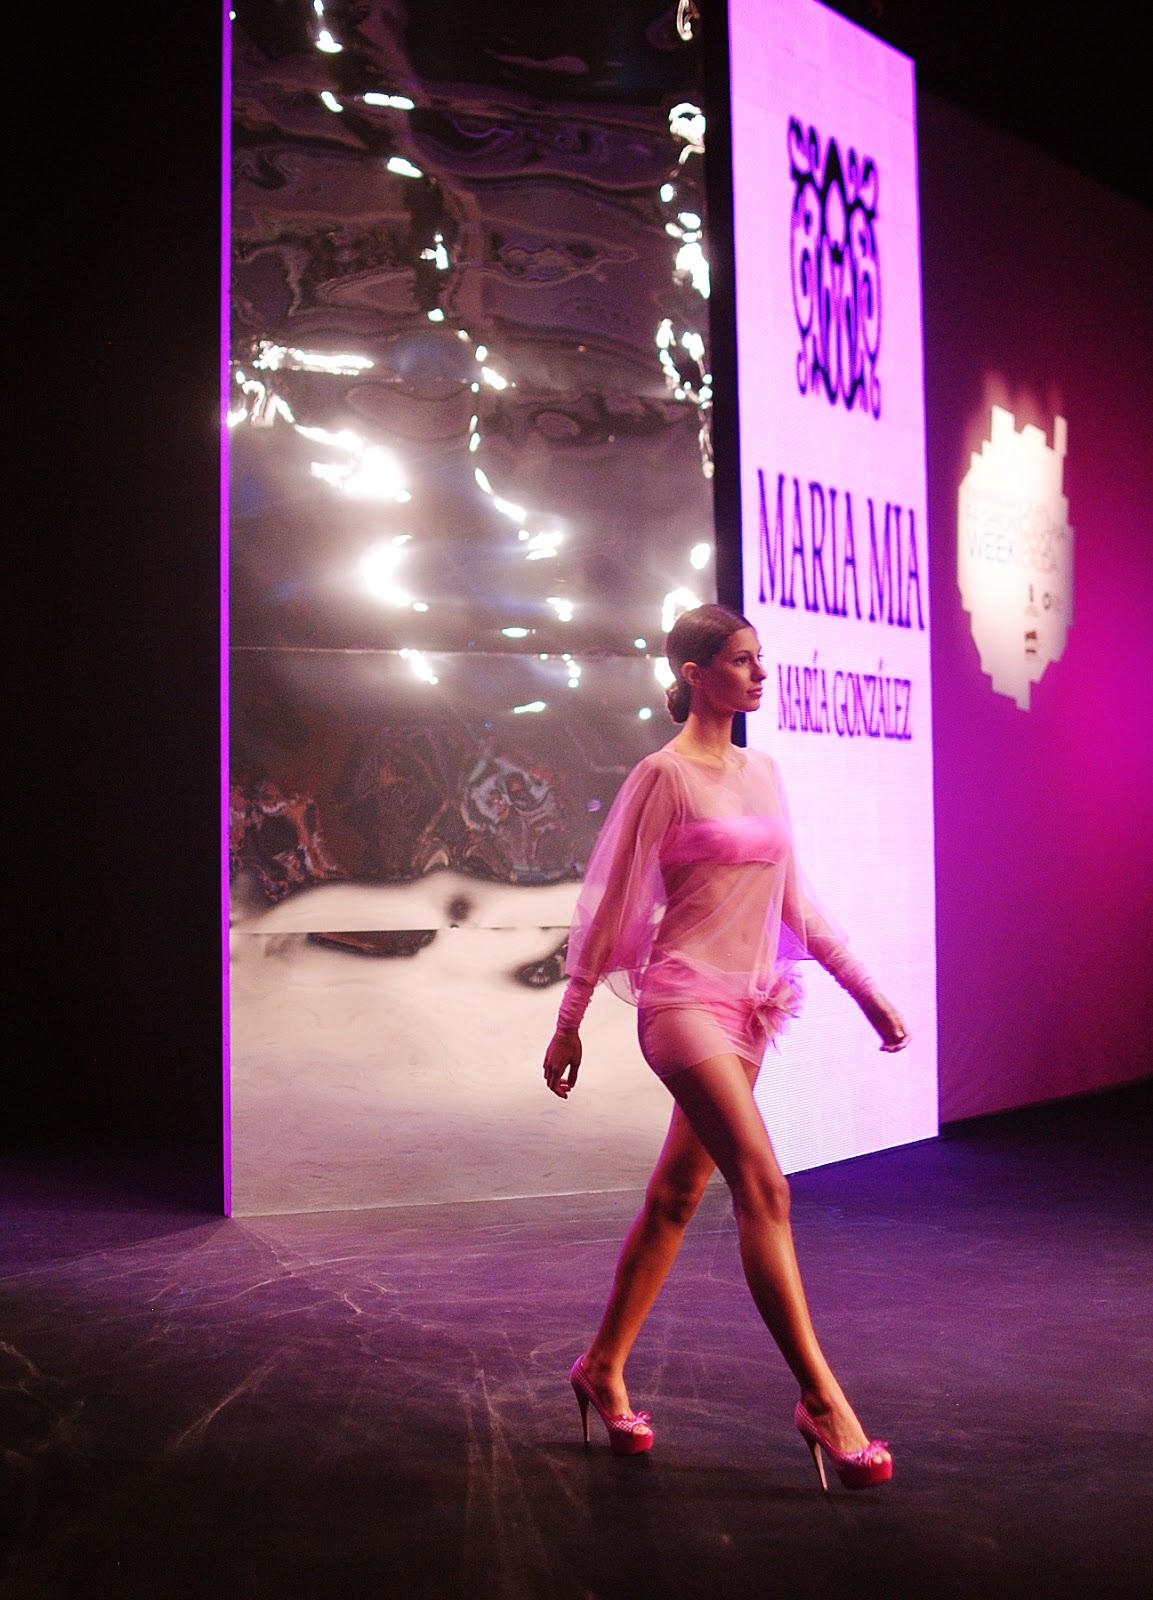 moda calida, gran canaria fashion week, gcmc, gcmodacalica2014, blogeras de canarias, maria mia